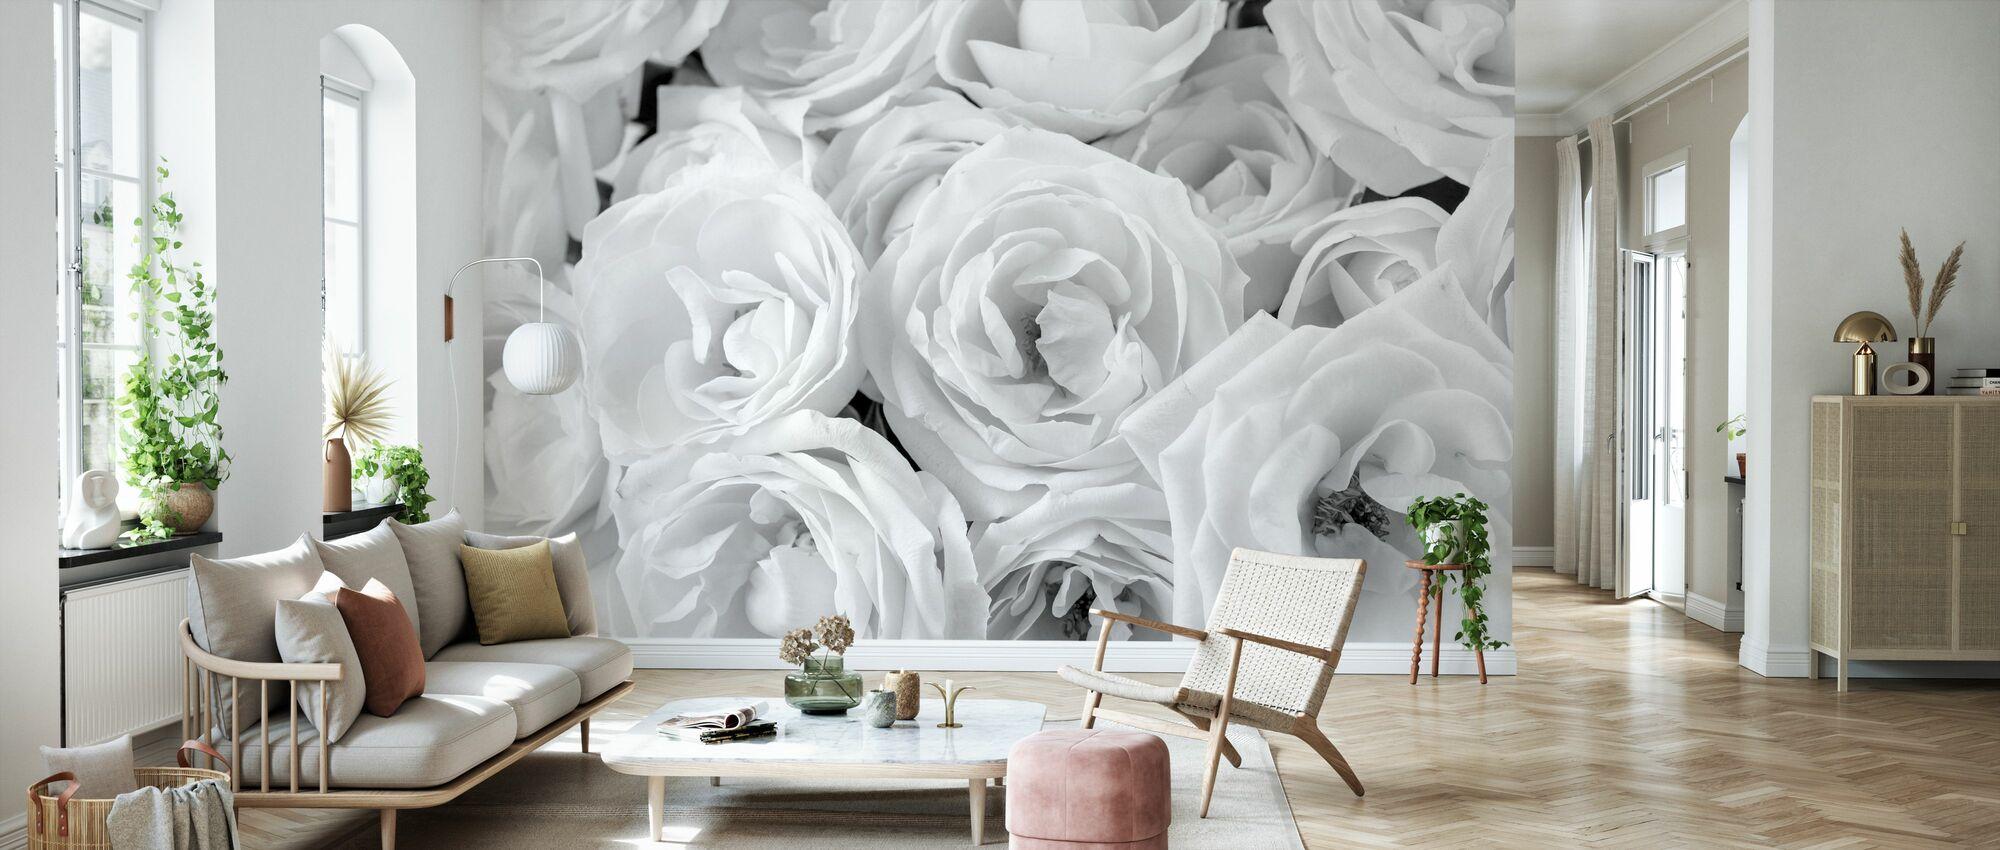 White Roses - Wallpaper - Living Room